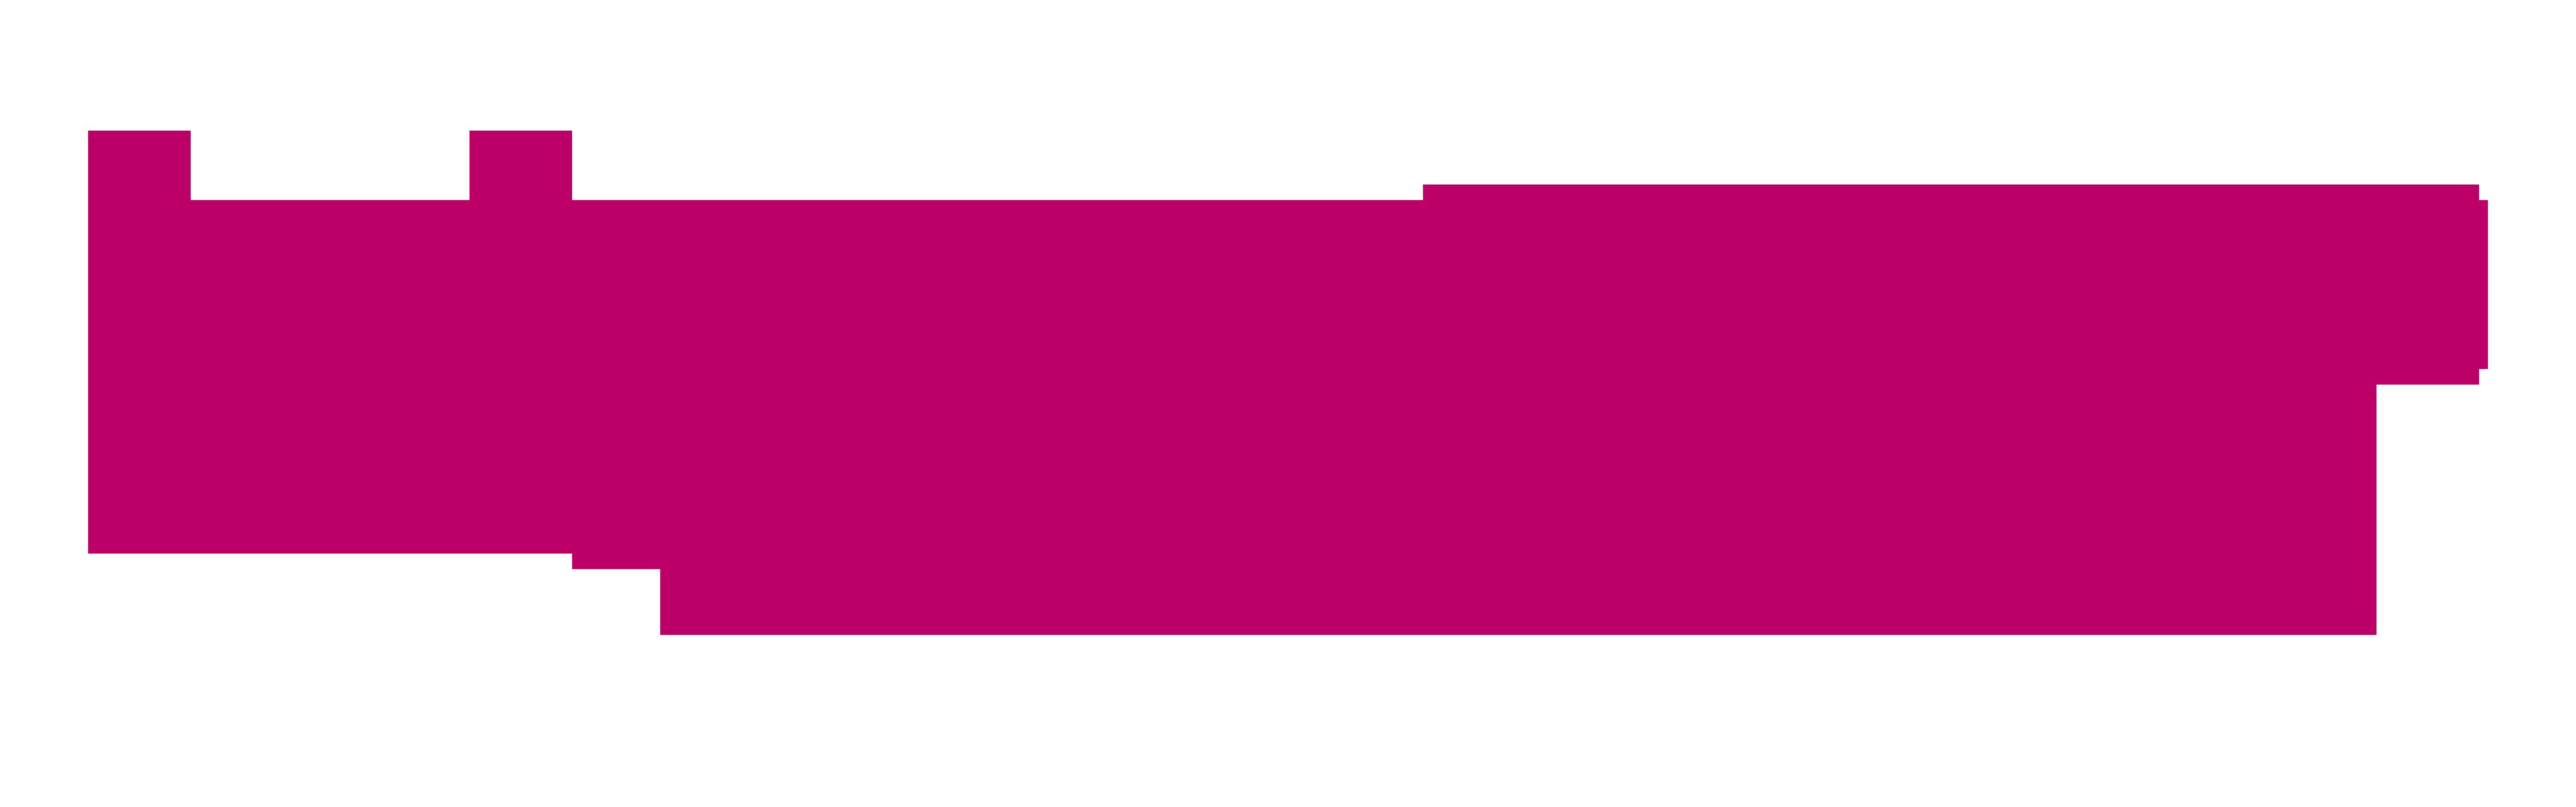 Indasec Discreet® | Expertas en vivir